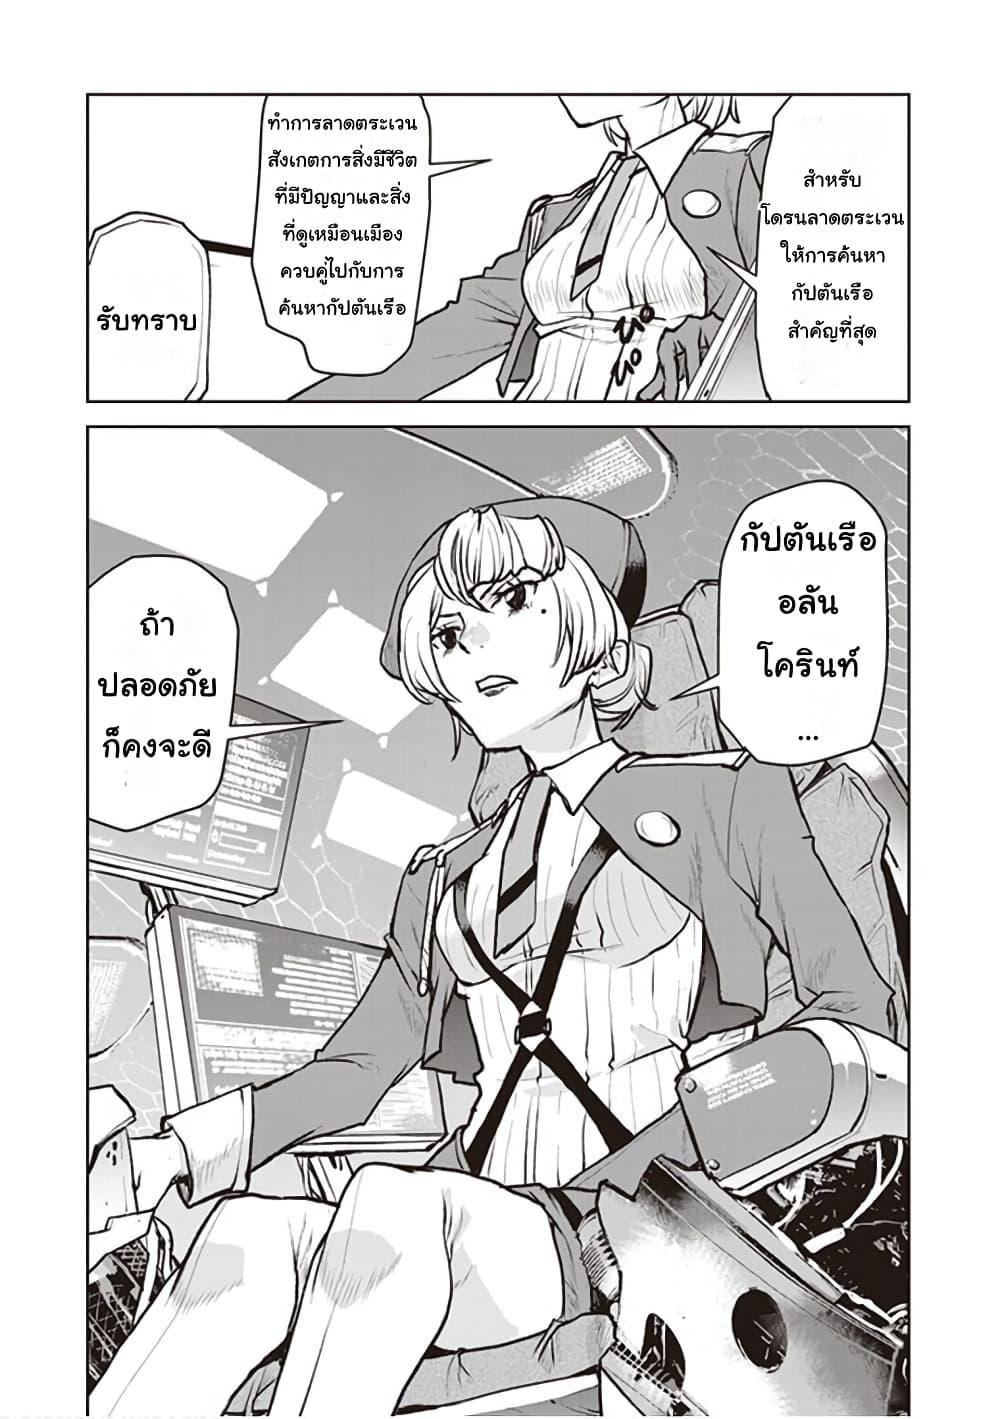 อ่านการ์ตูน The Galactic Navy Officer Becomes an Adventurer ตอนที่ 4 หน้าที่ 24